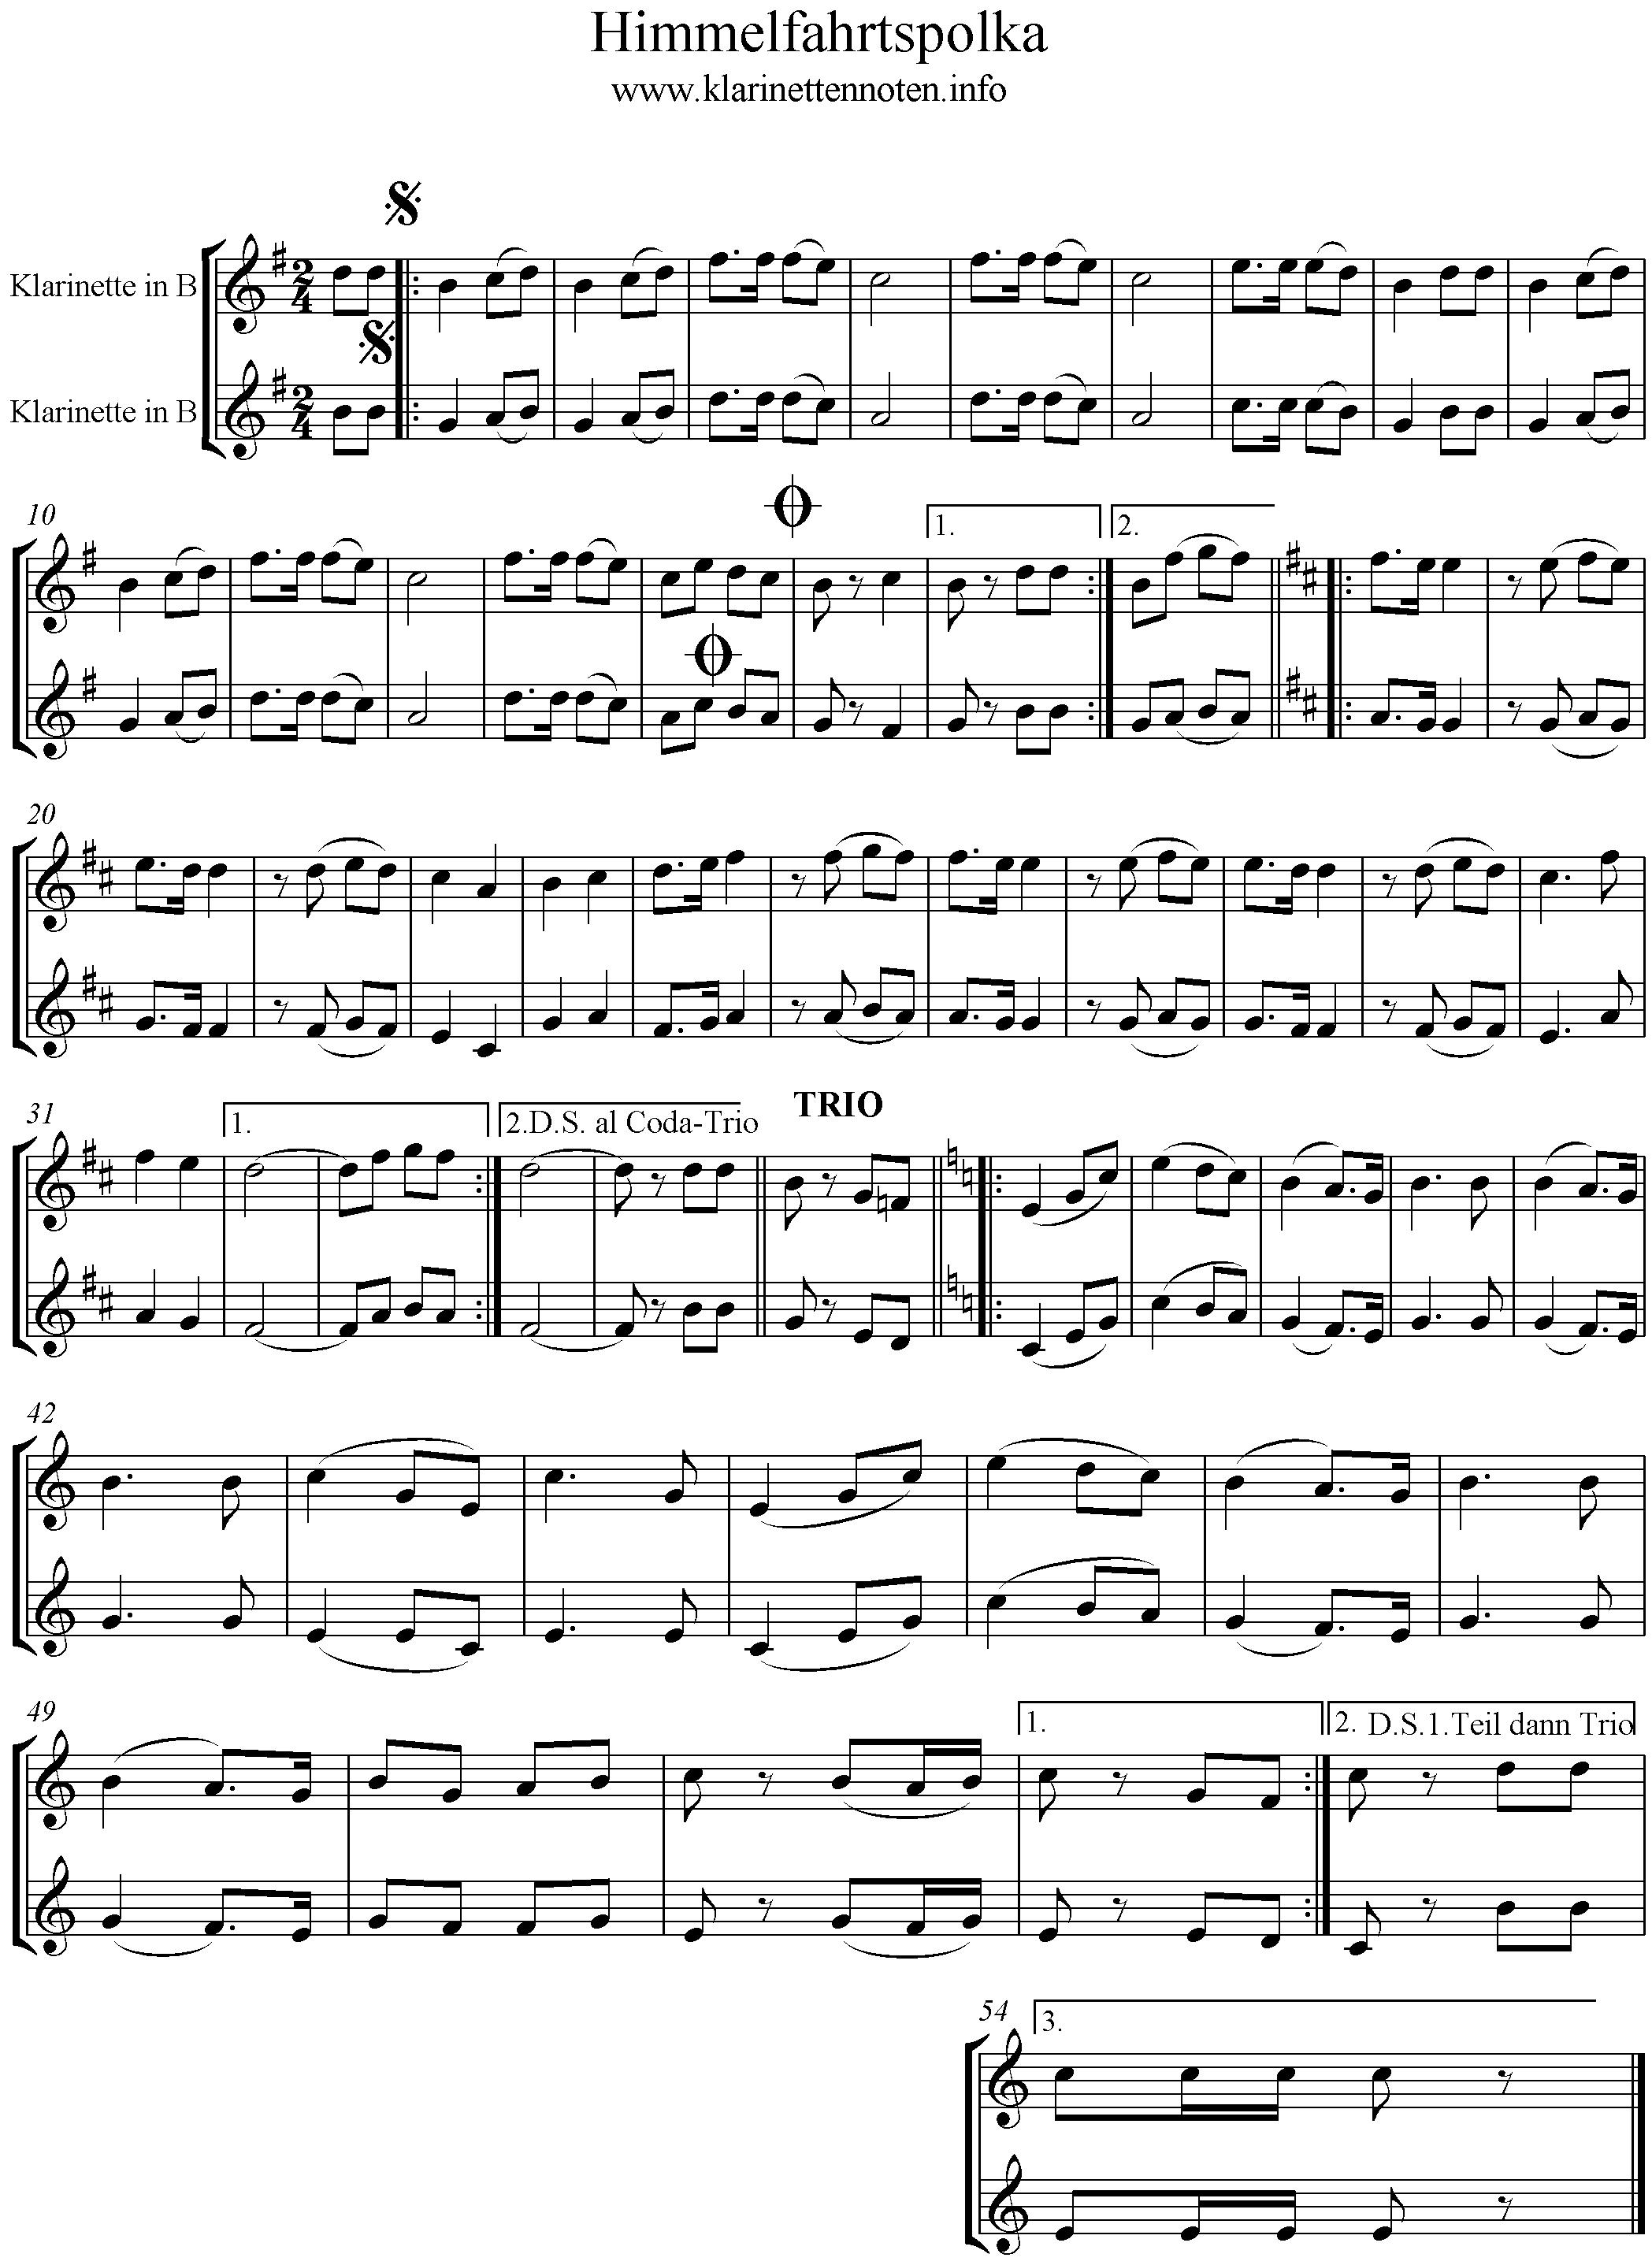 Klarinettennoten-Himmelfahrtspolka